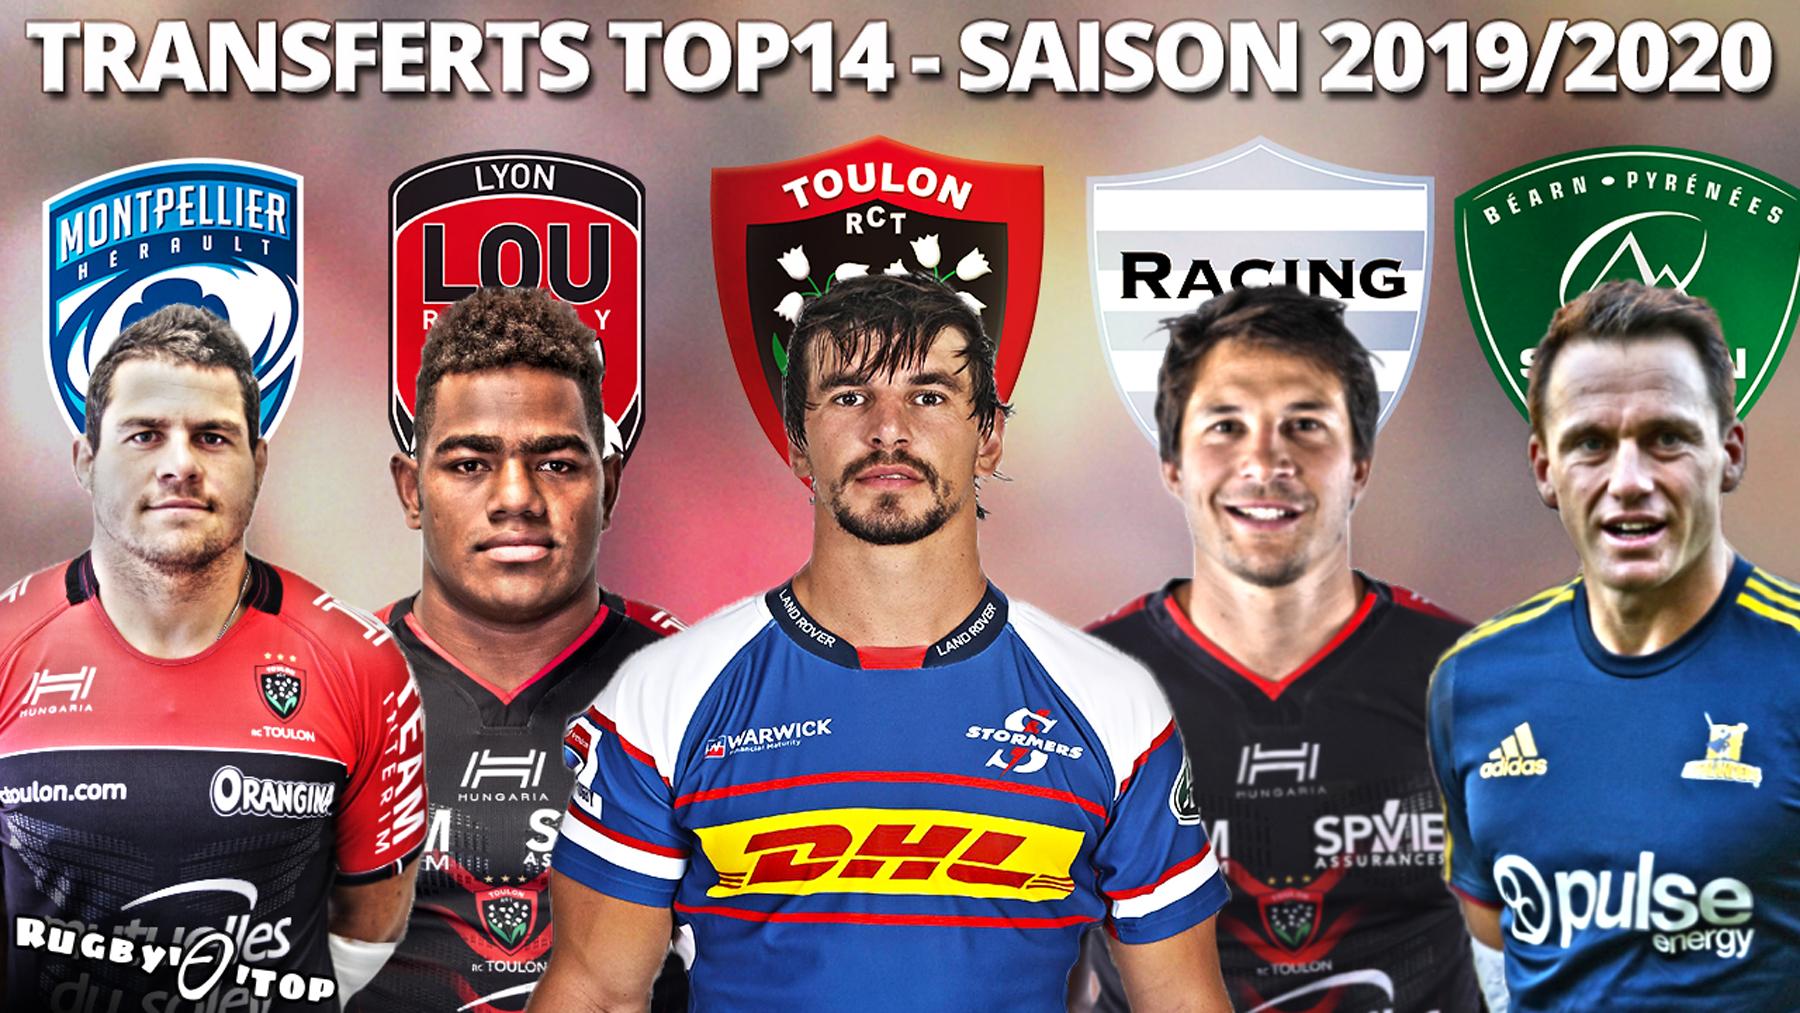 Nouveaux Transferts - TOP 14 (saison 2019/20)